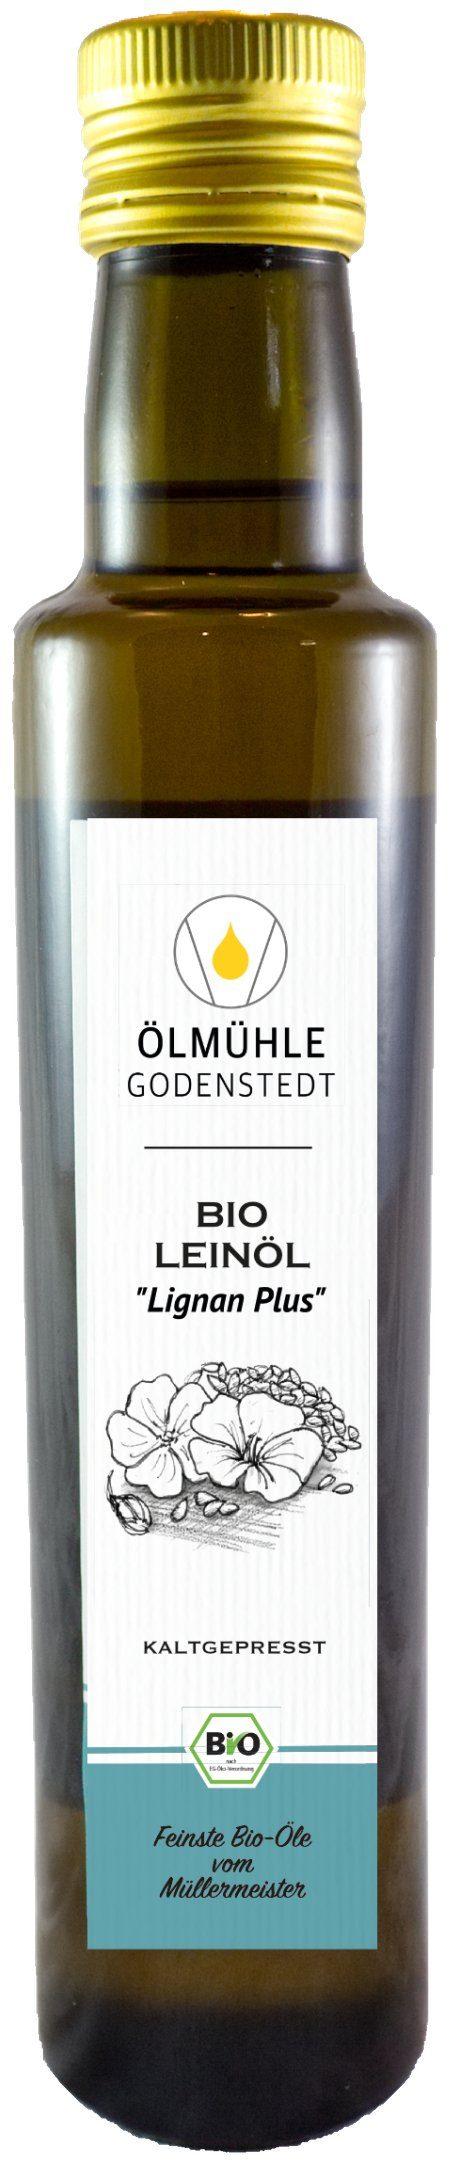 Bio Leinöl mit Lignan